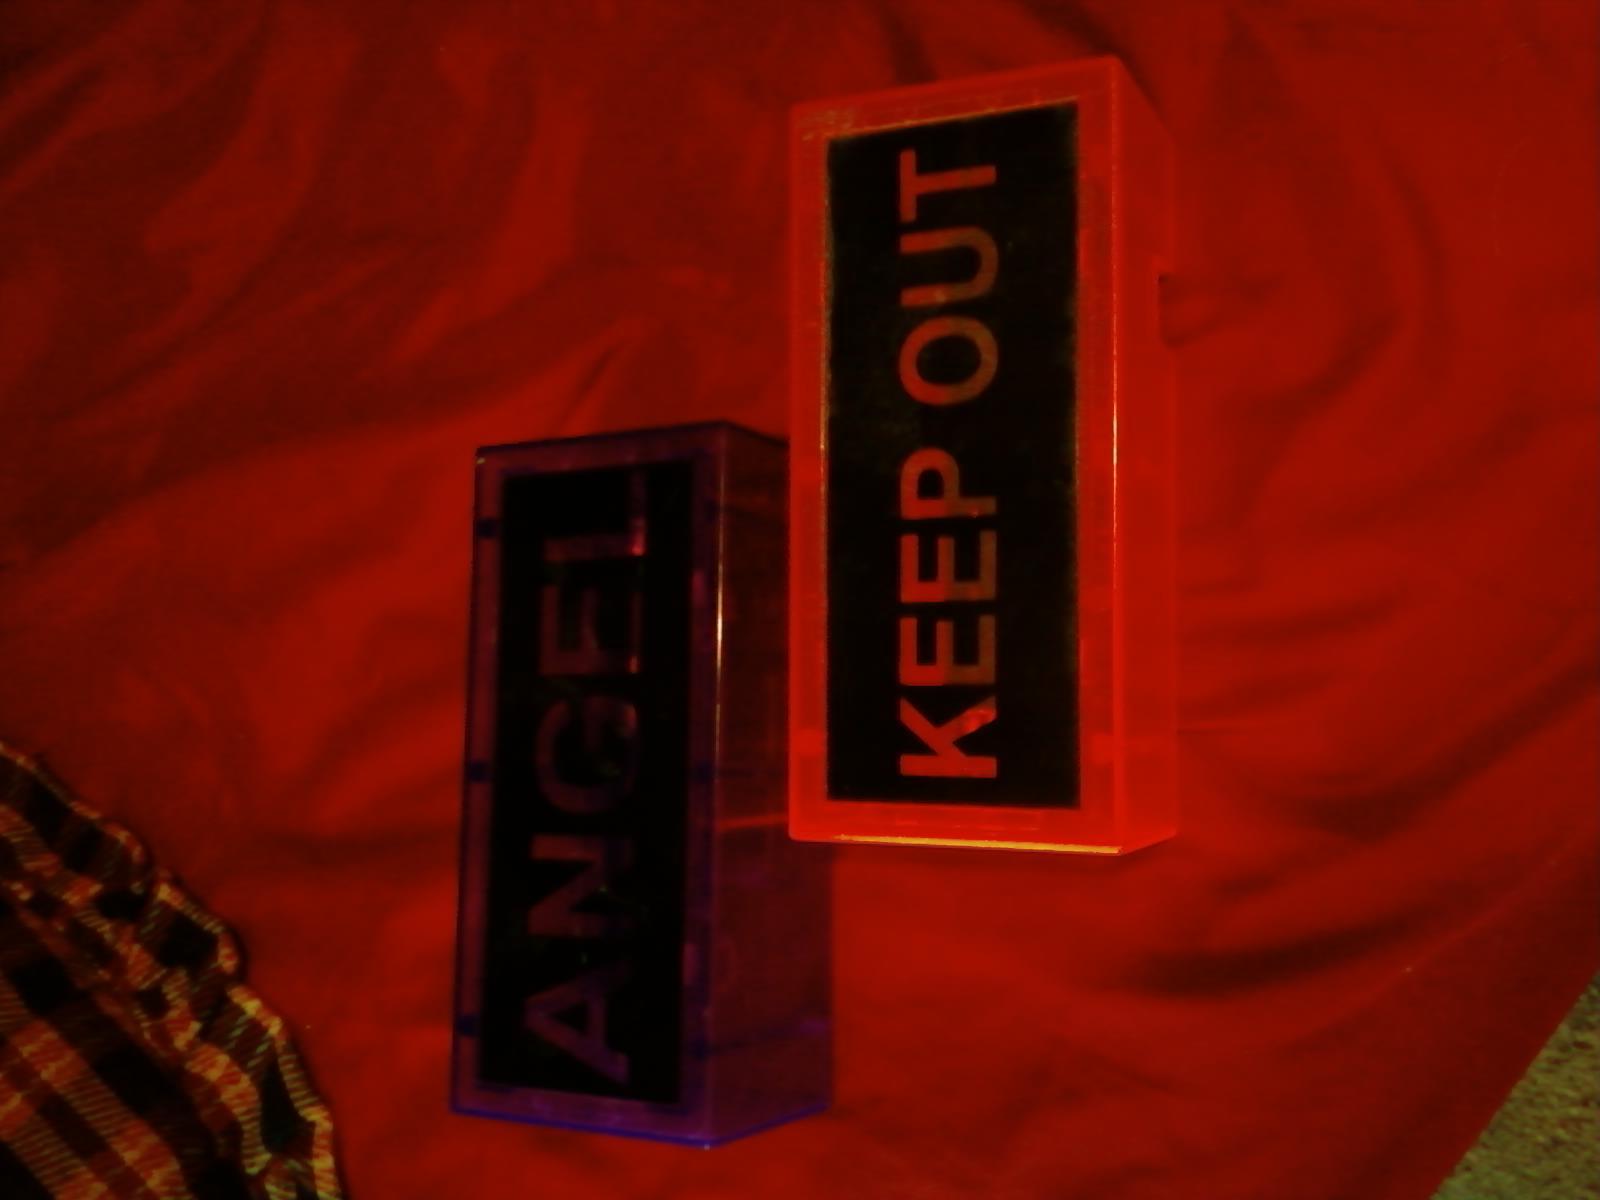 Kids bedroomroom door light ups- see description below